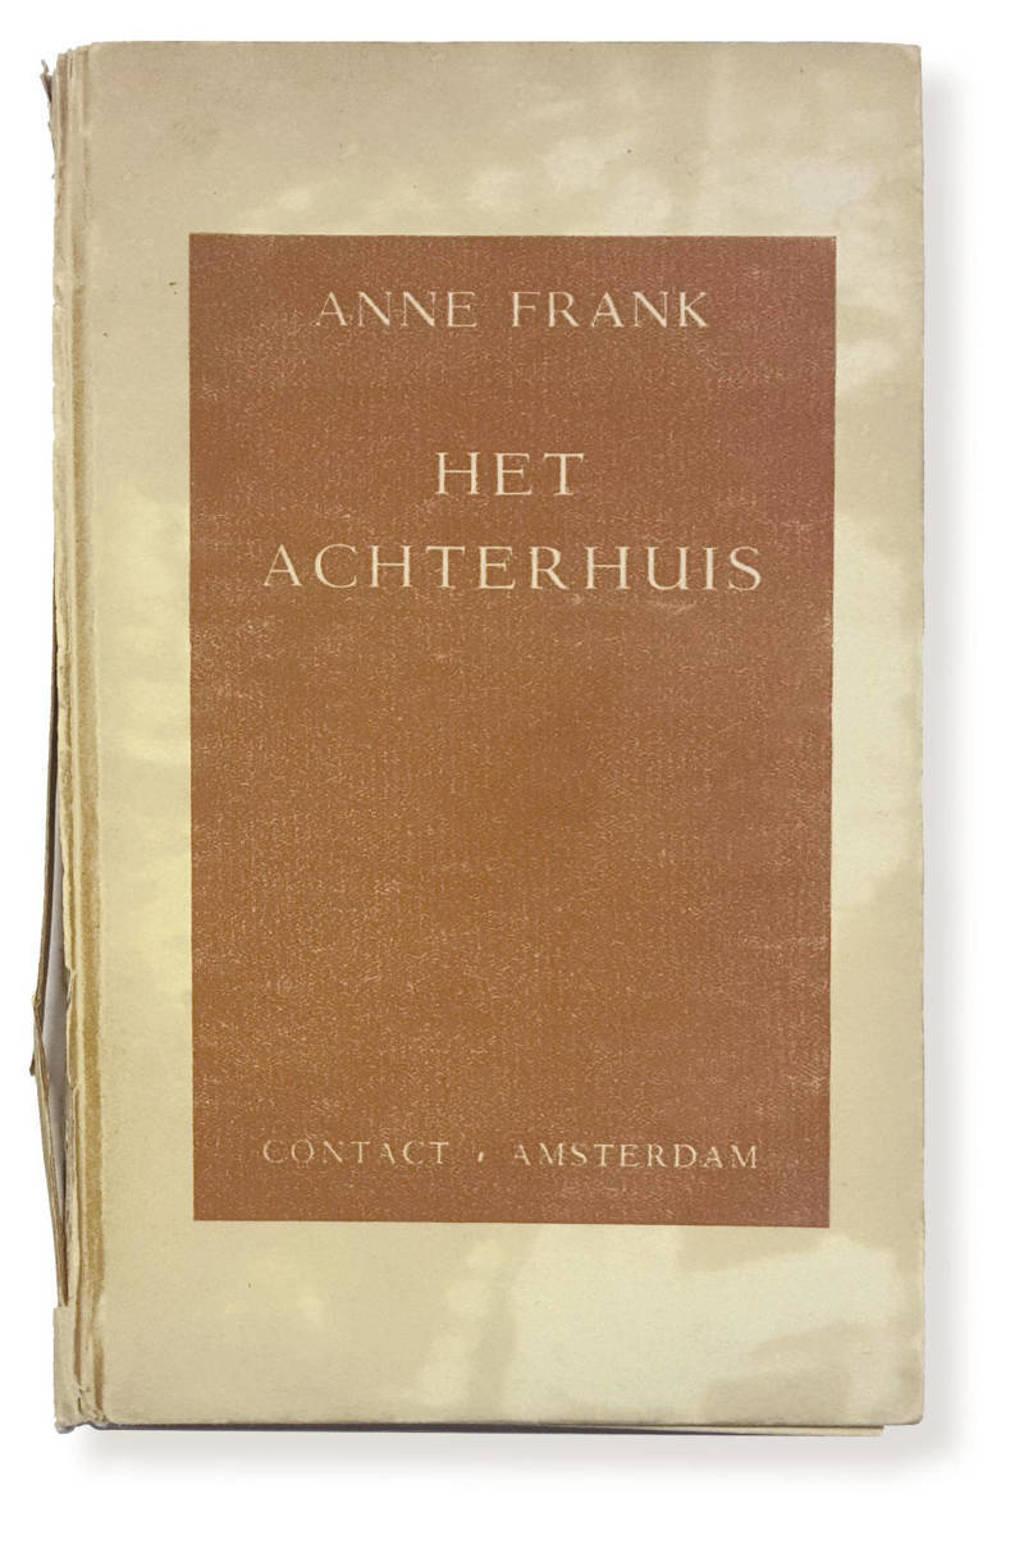 Het achterhuis (facsimile) - Anne Frank